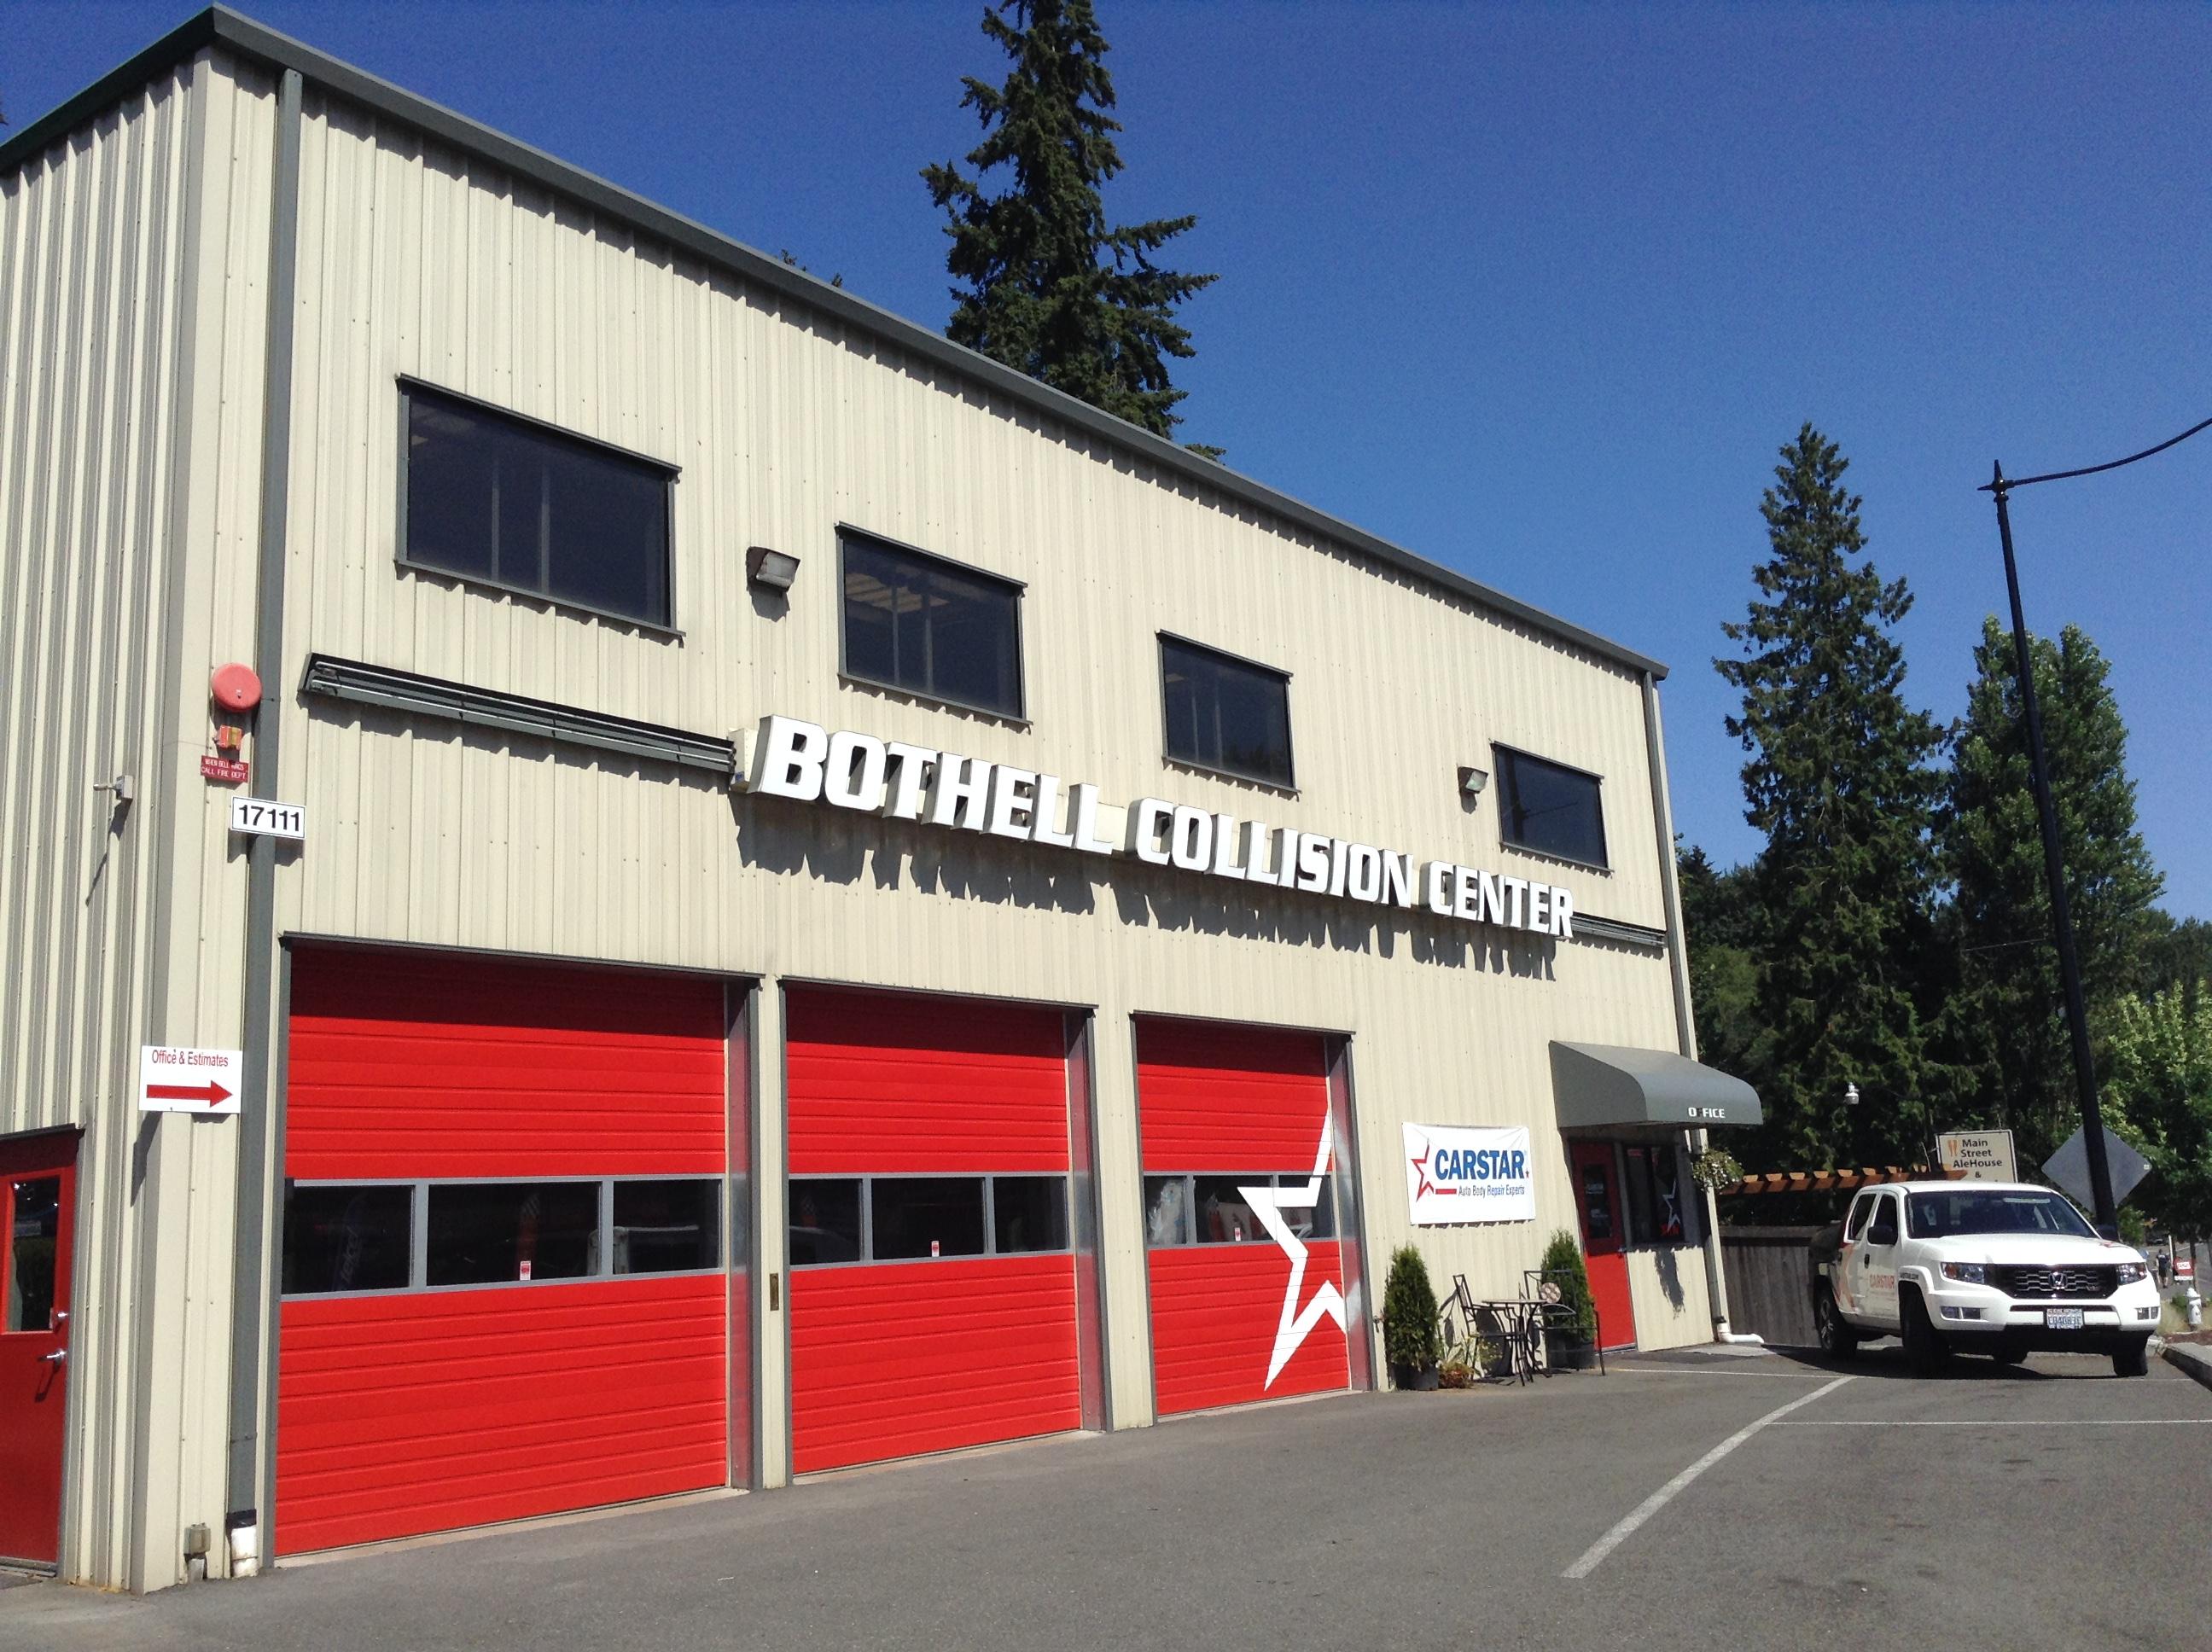 CARSTAR Bothell Auto Rebuild: Exterior